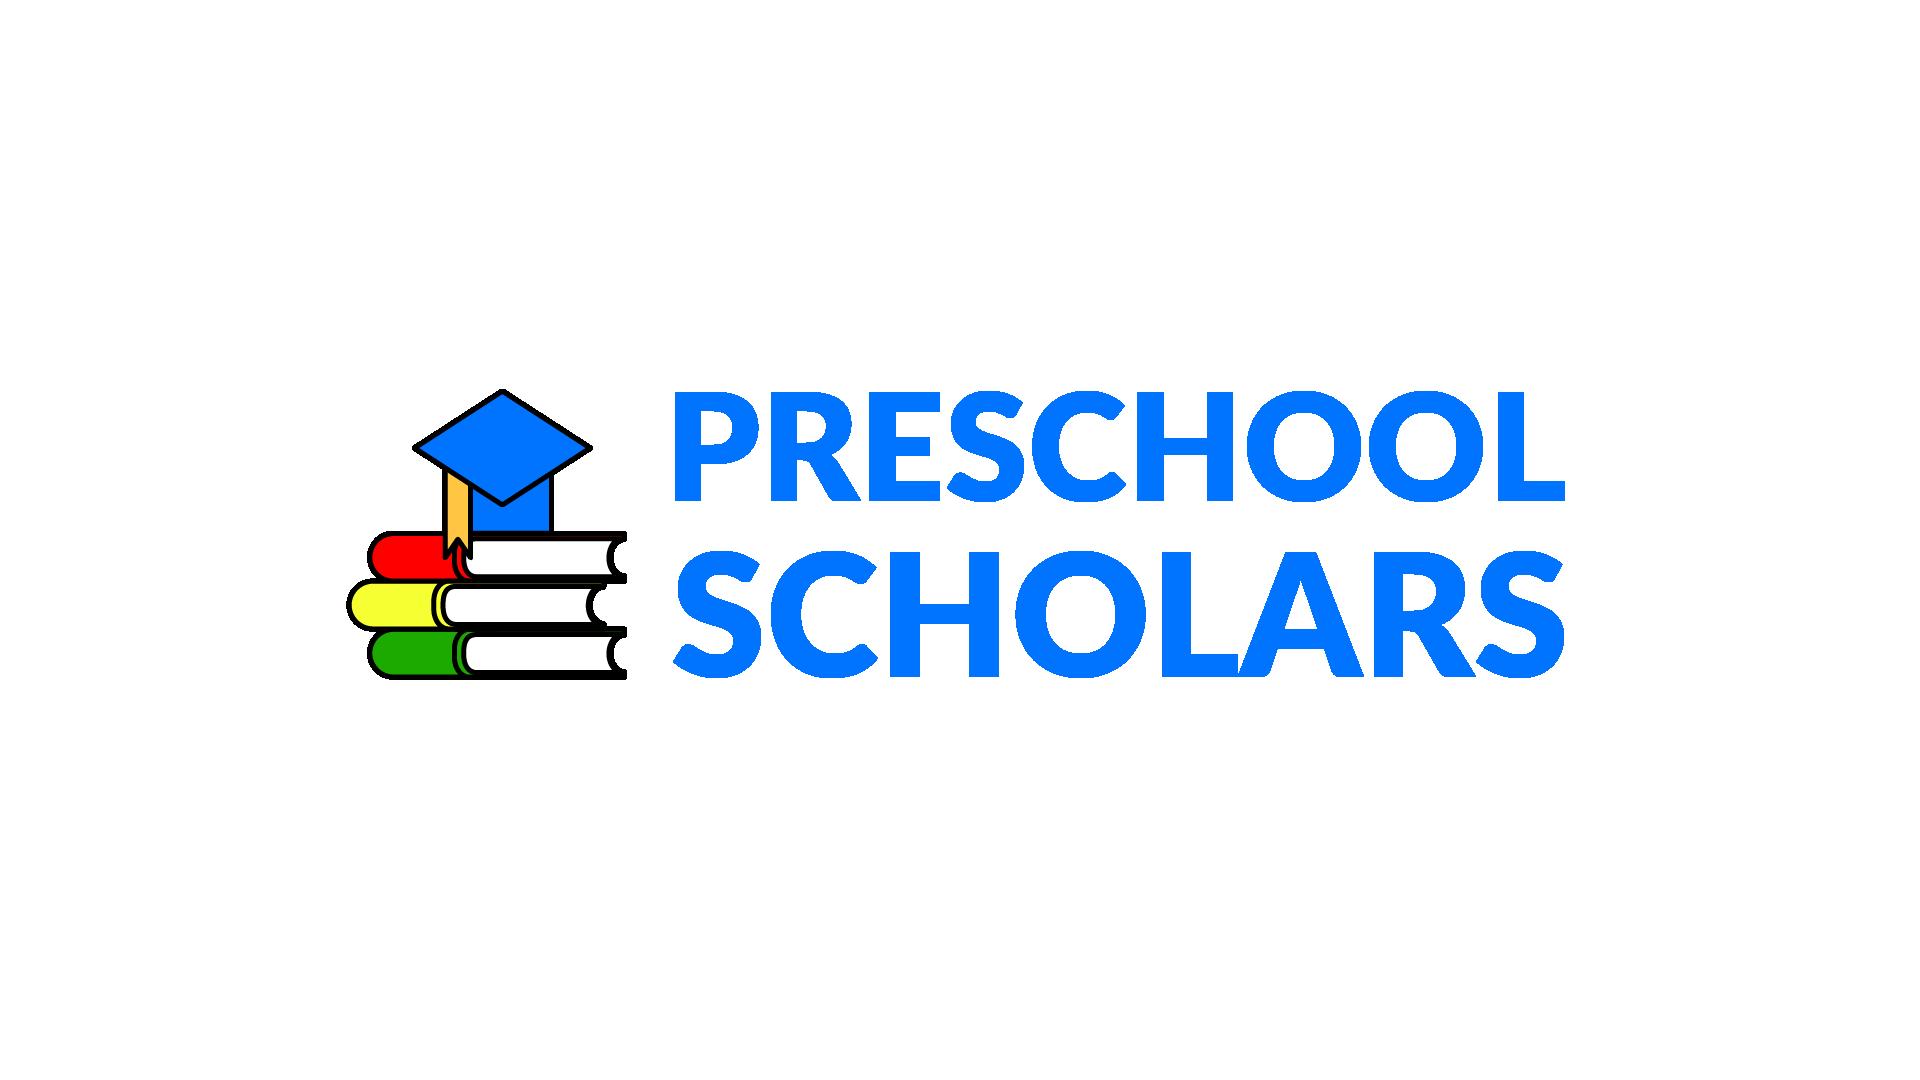 Preschool Scholars